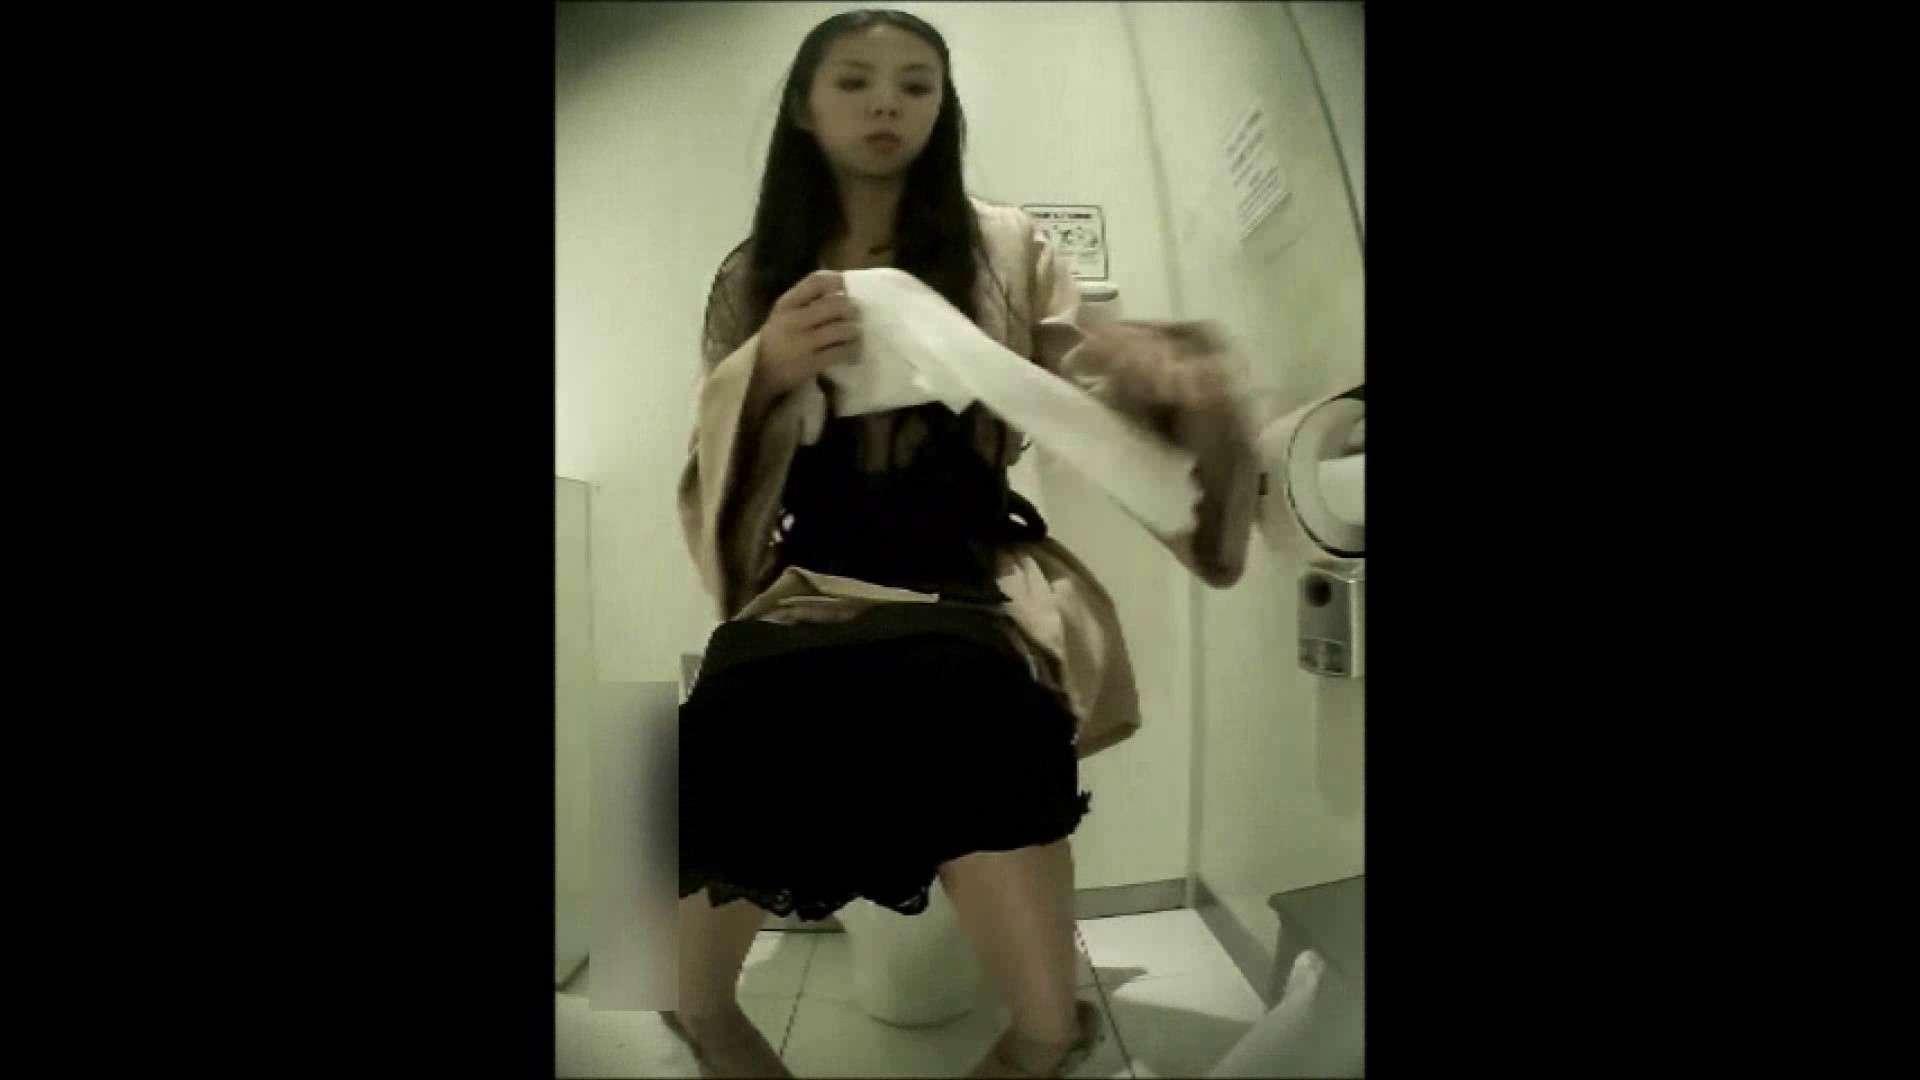 洗面所盗撮~隣の美人お姉さんVol.14 うんこ特撮 アダルト動画キャプチャ 93連発 13